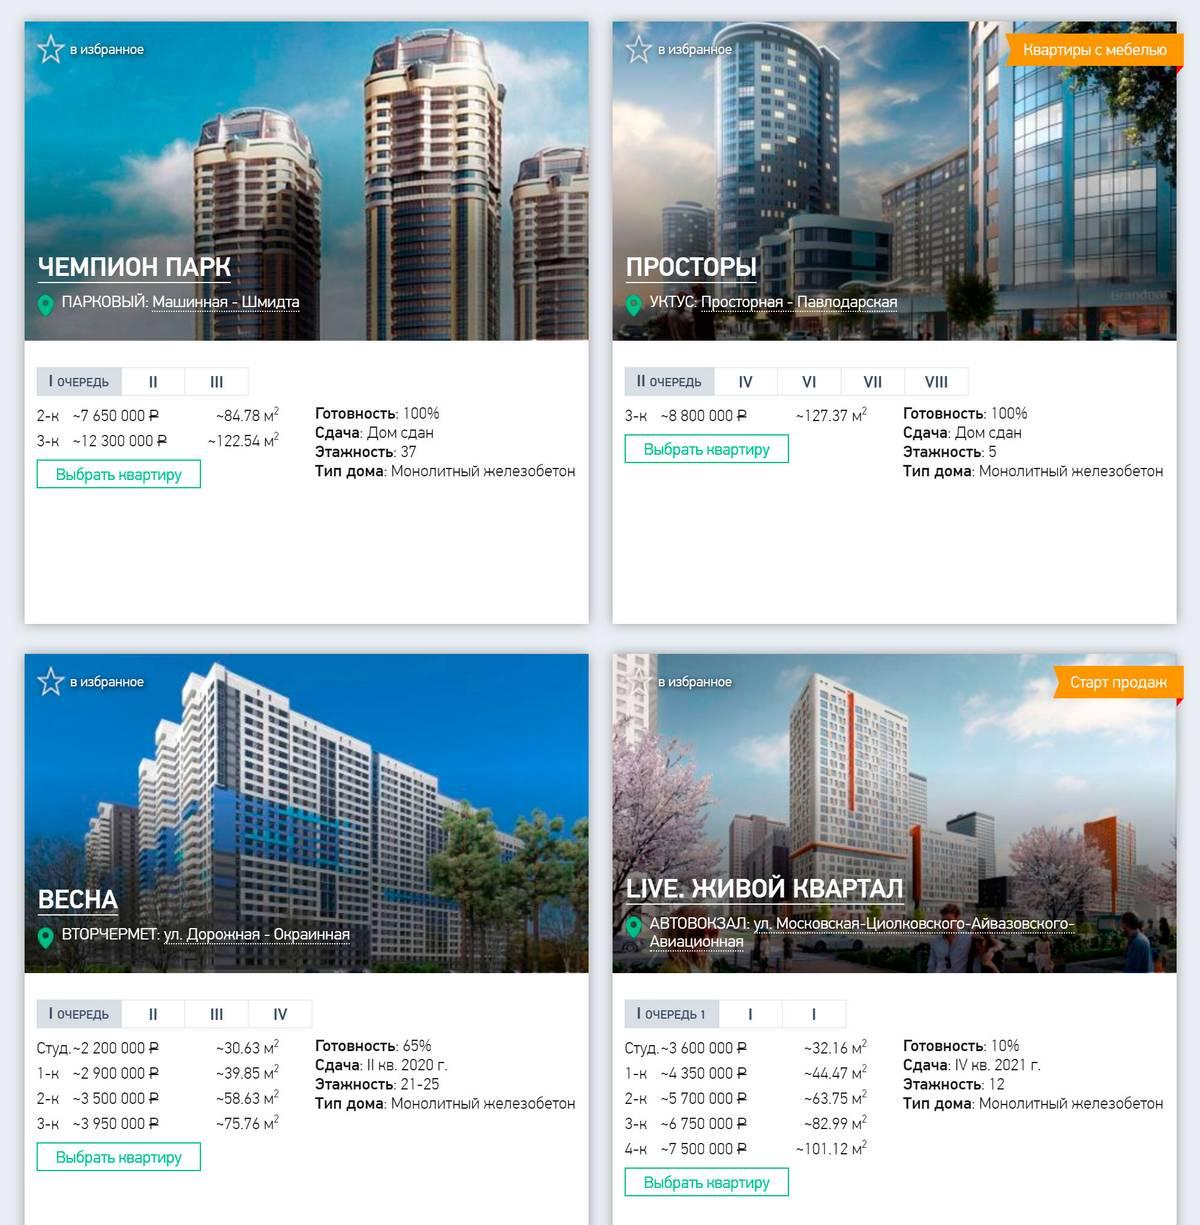 Самые дешевые квартиры от местного крупного застройщика — компании «Атомстройкомплекс», которые мне удалось найти на официальном сайте, расположены на Вторчермете. Это микрорайон на южной окраине города с частным сектором и плохо развитой инфраструктурой